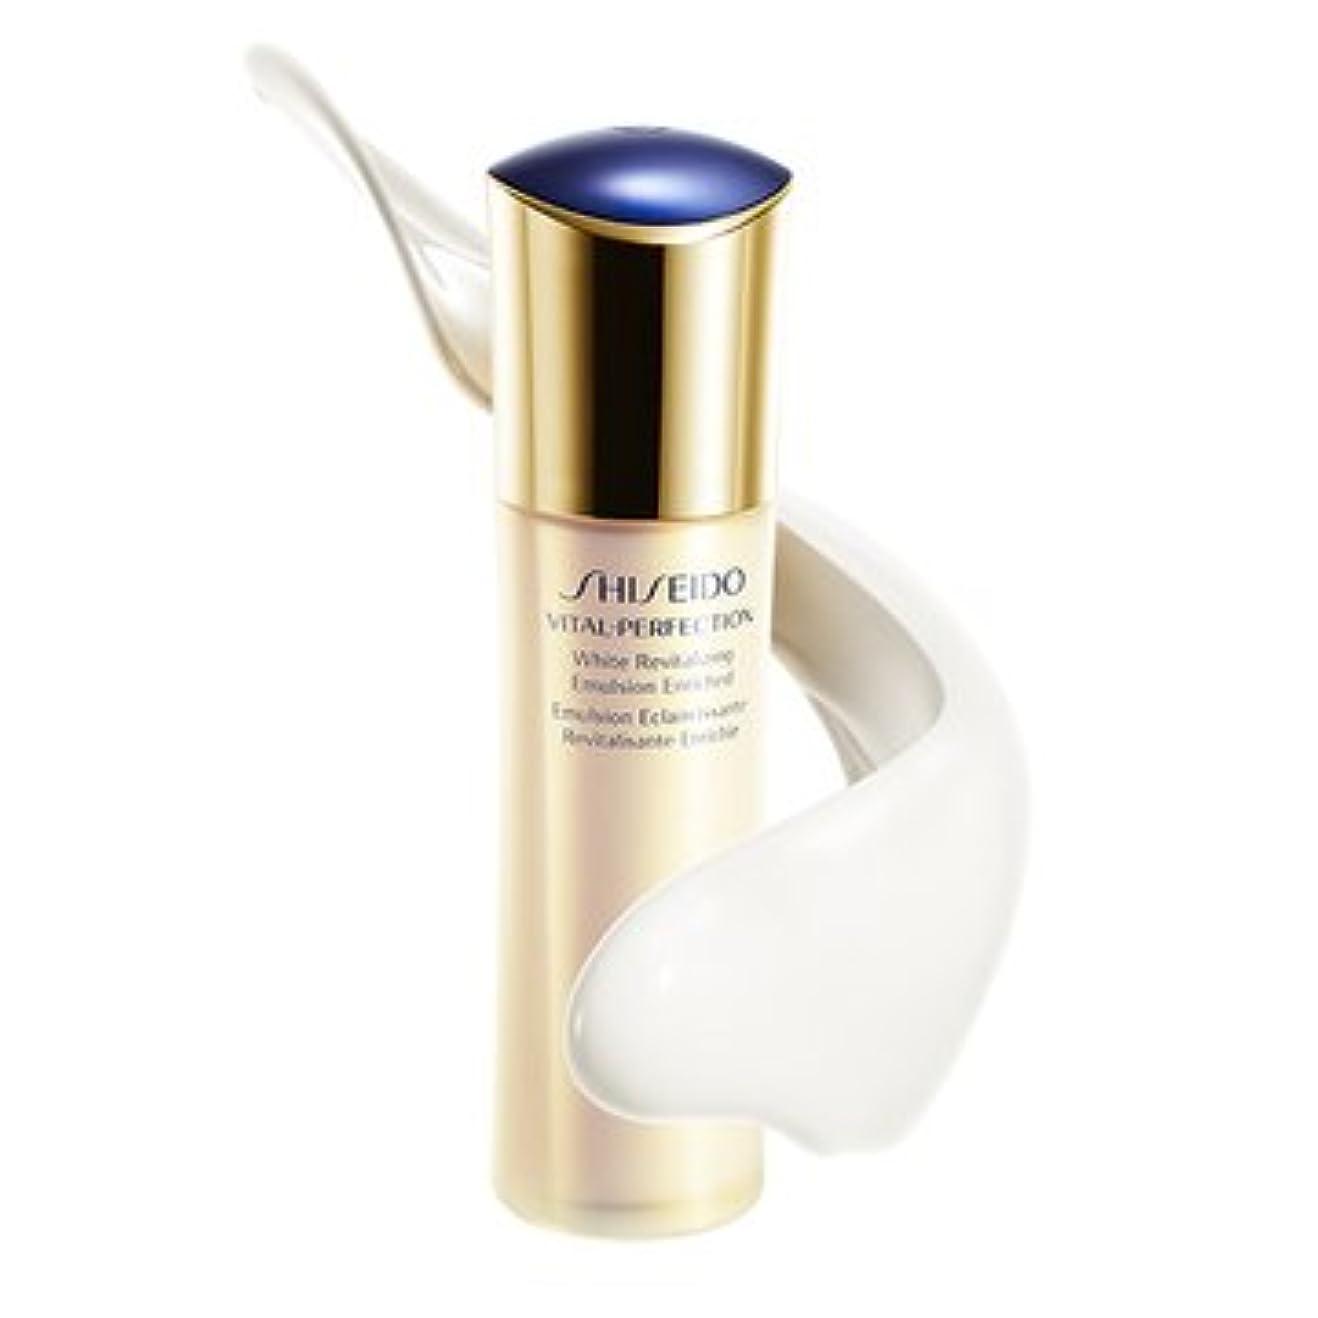 増加する外科医開拓者資生堂/shiseido バイタルパーフェクション/VITAL-PERFECTION ホワイトRV エマルジョン(医薬部外品)美白乳液